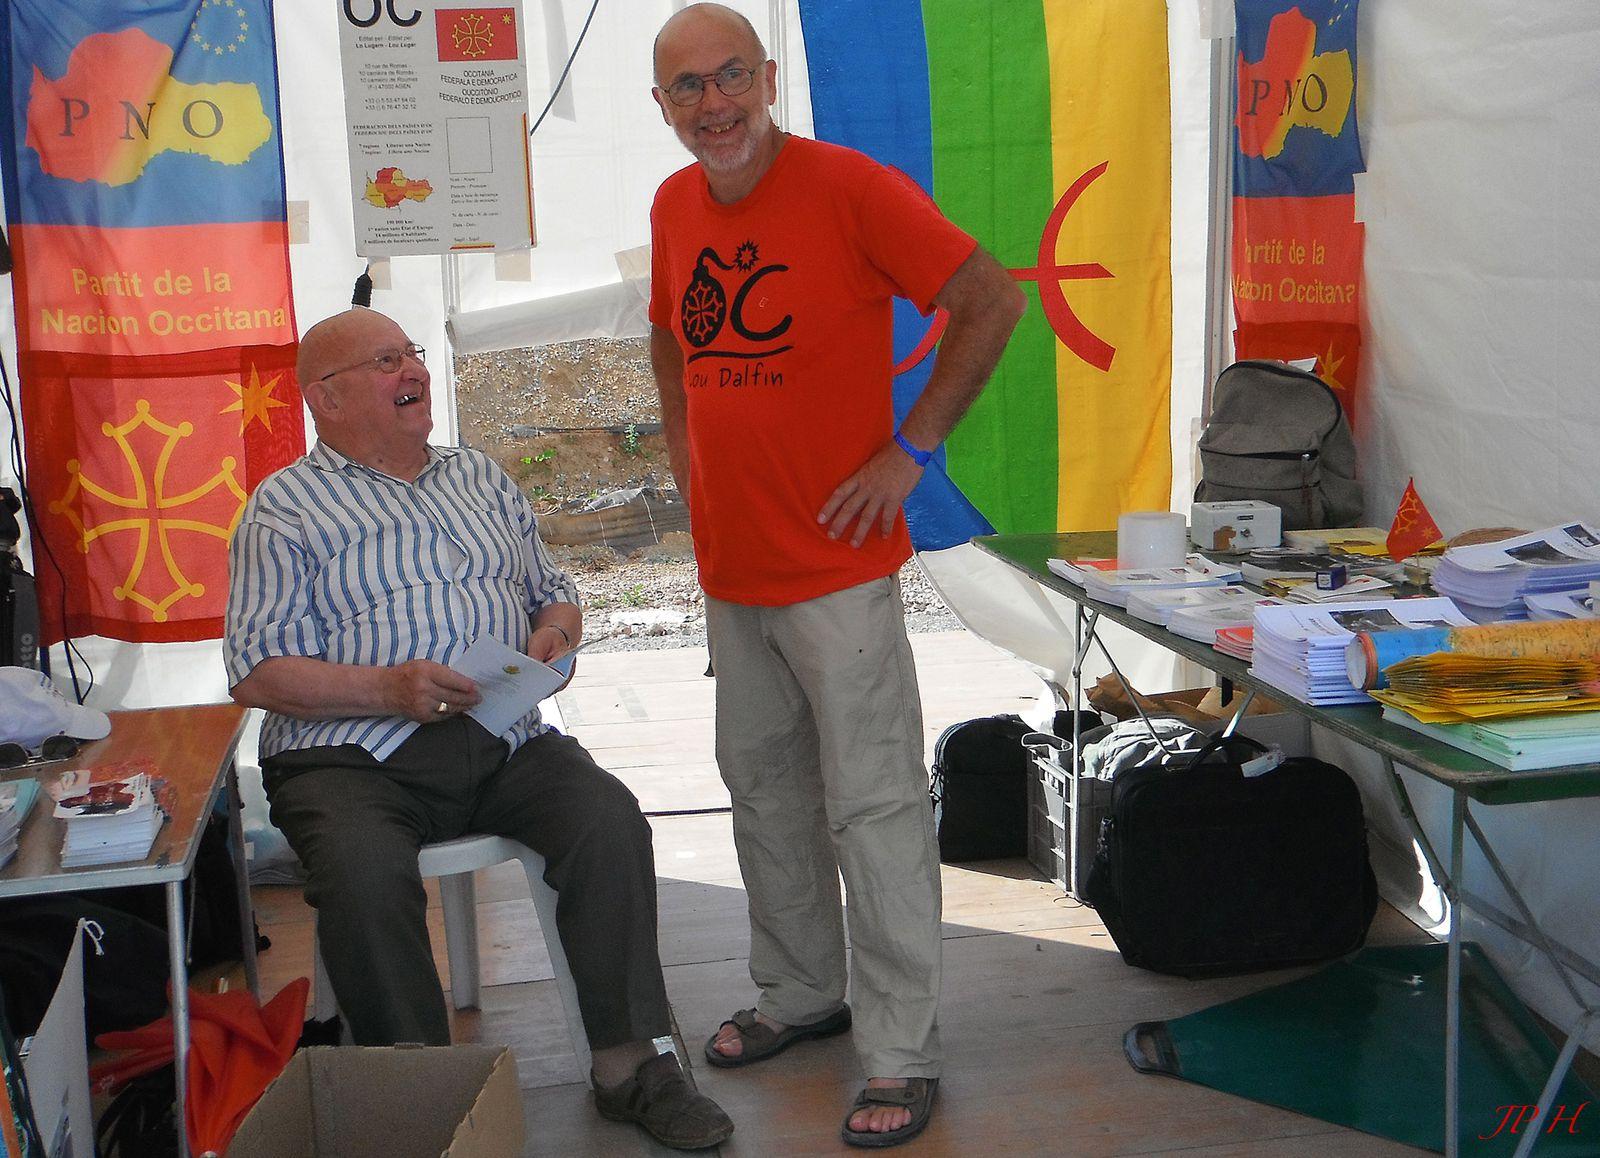 Estivada Rodez 2013, autour du stand Lo Lugarn, revue du PNO, et avec nos amis Touareg du Niger